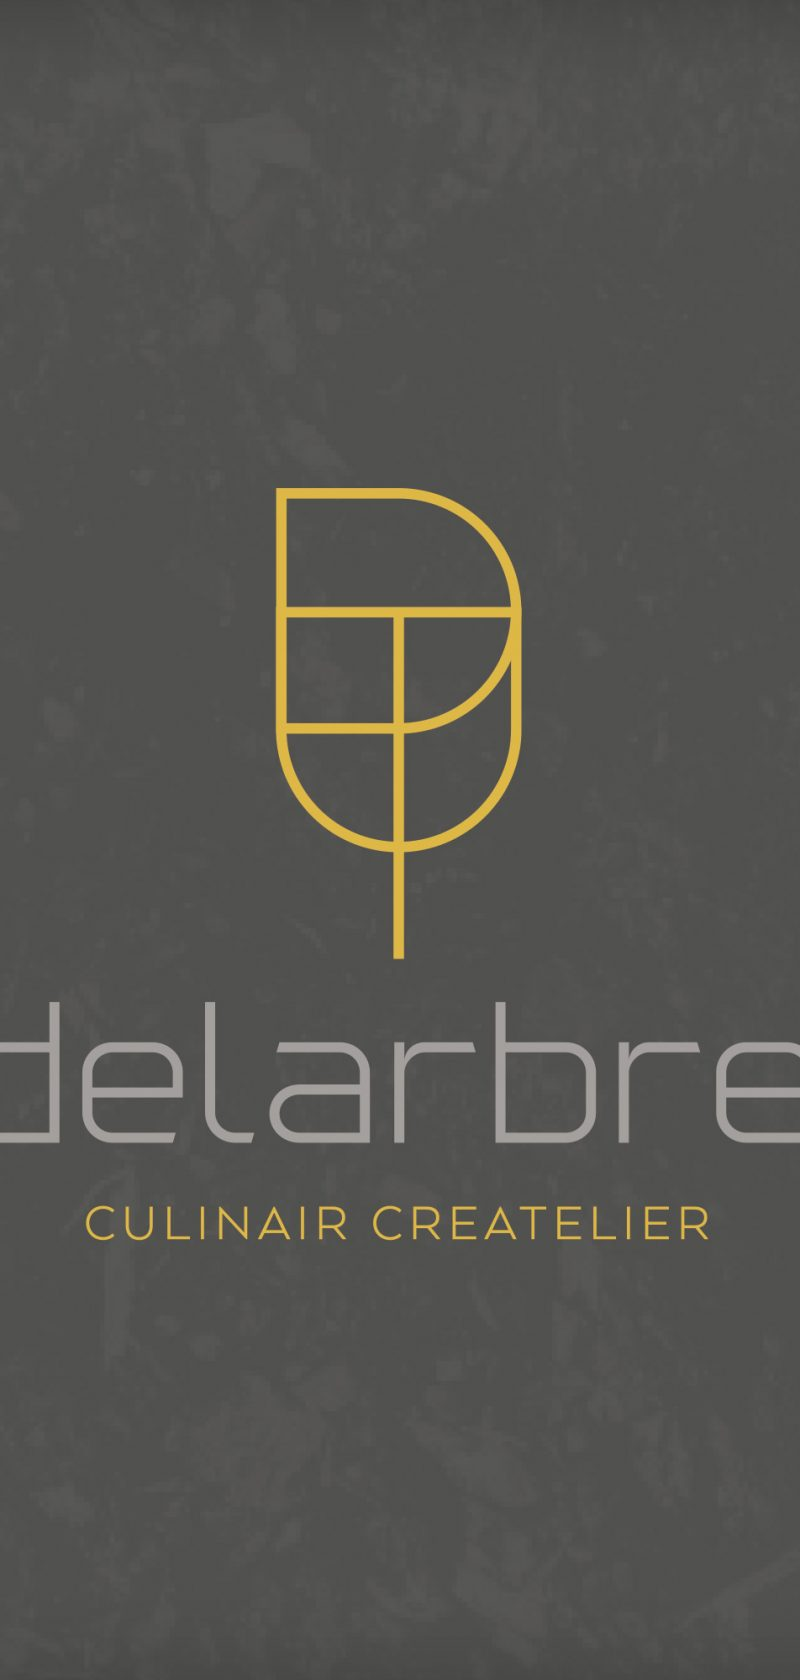 Delarbre Culinair Createlier